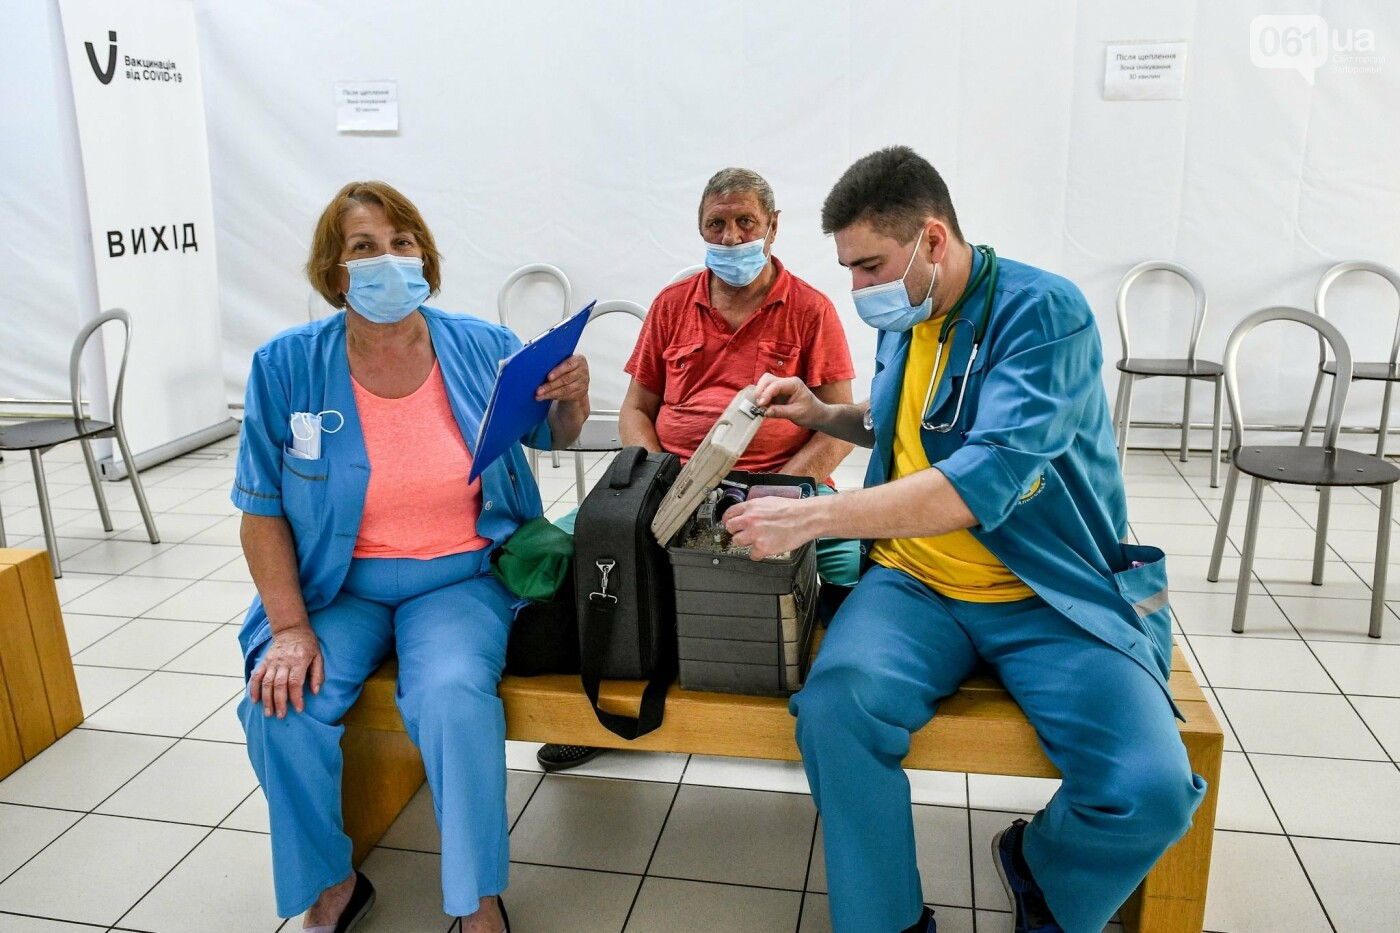 """В Запорожье в """"CITY MALL"""" открылся центр вакцинации: прививают Pfizer, сотни людей стоят в очереди, - ФОТОРЕПОРТАЖ , фото-6"""